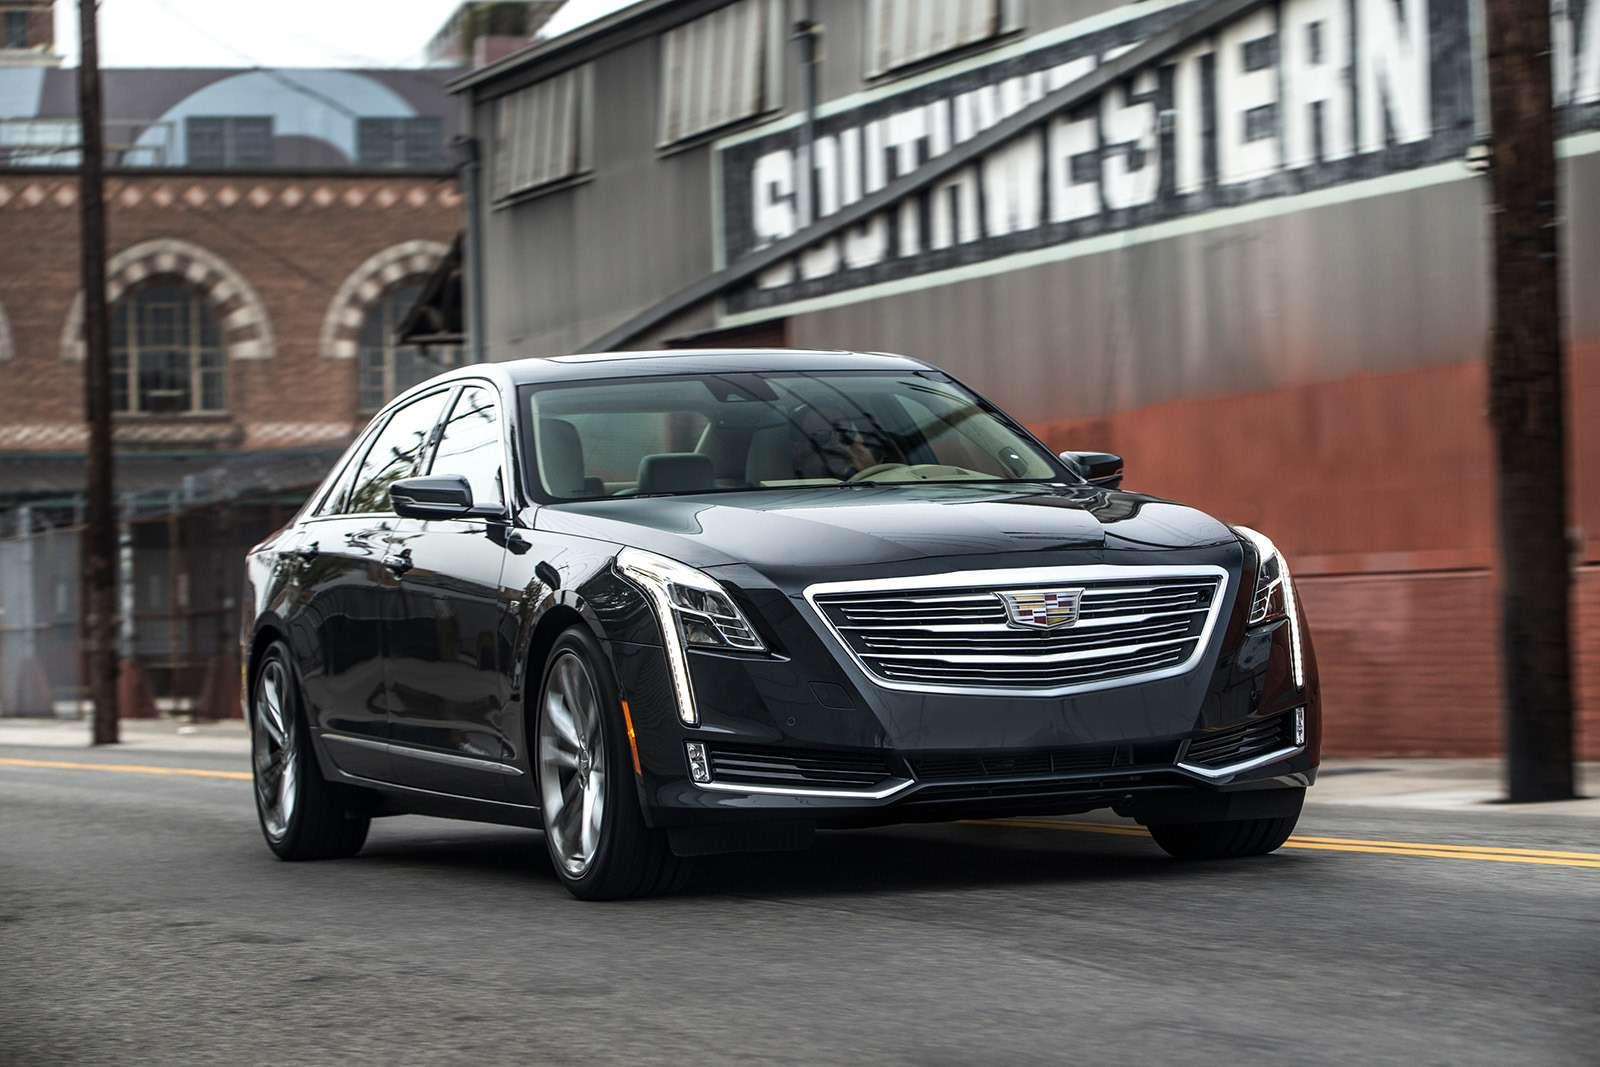 Флагманский седан Cadillac: цены икомплектации вРоссии— фото 823416